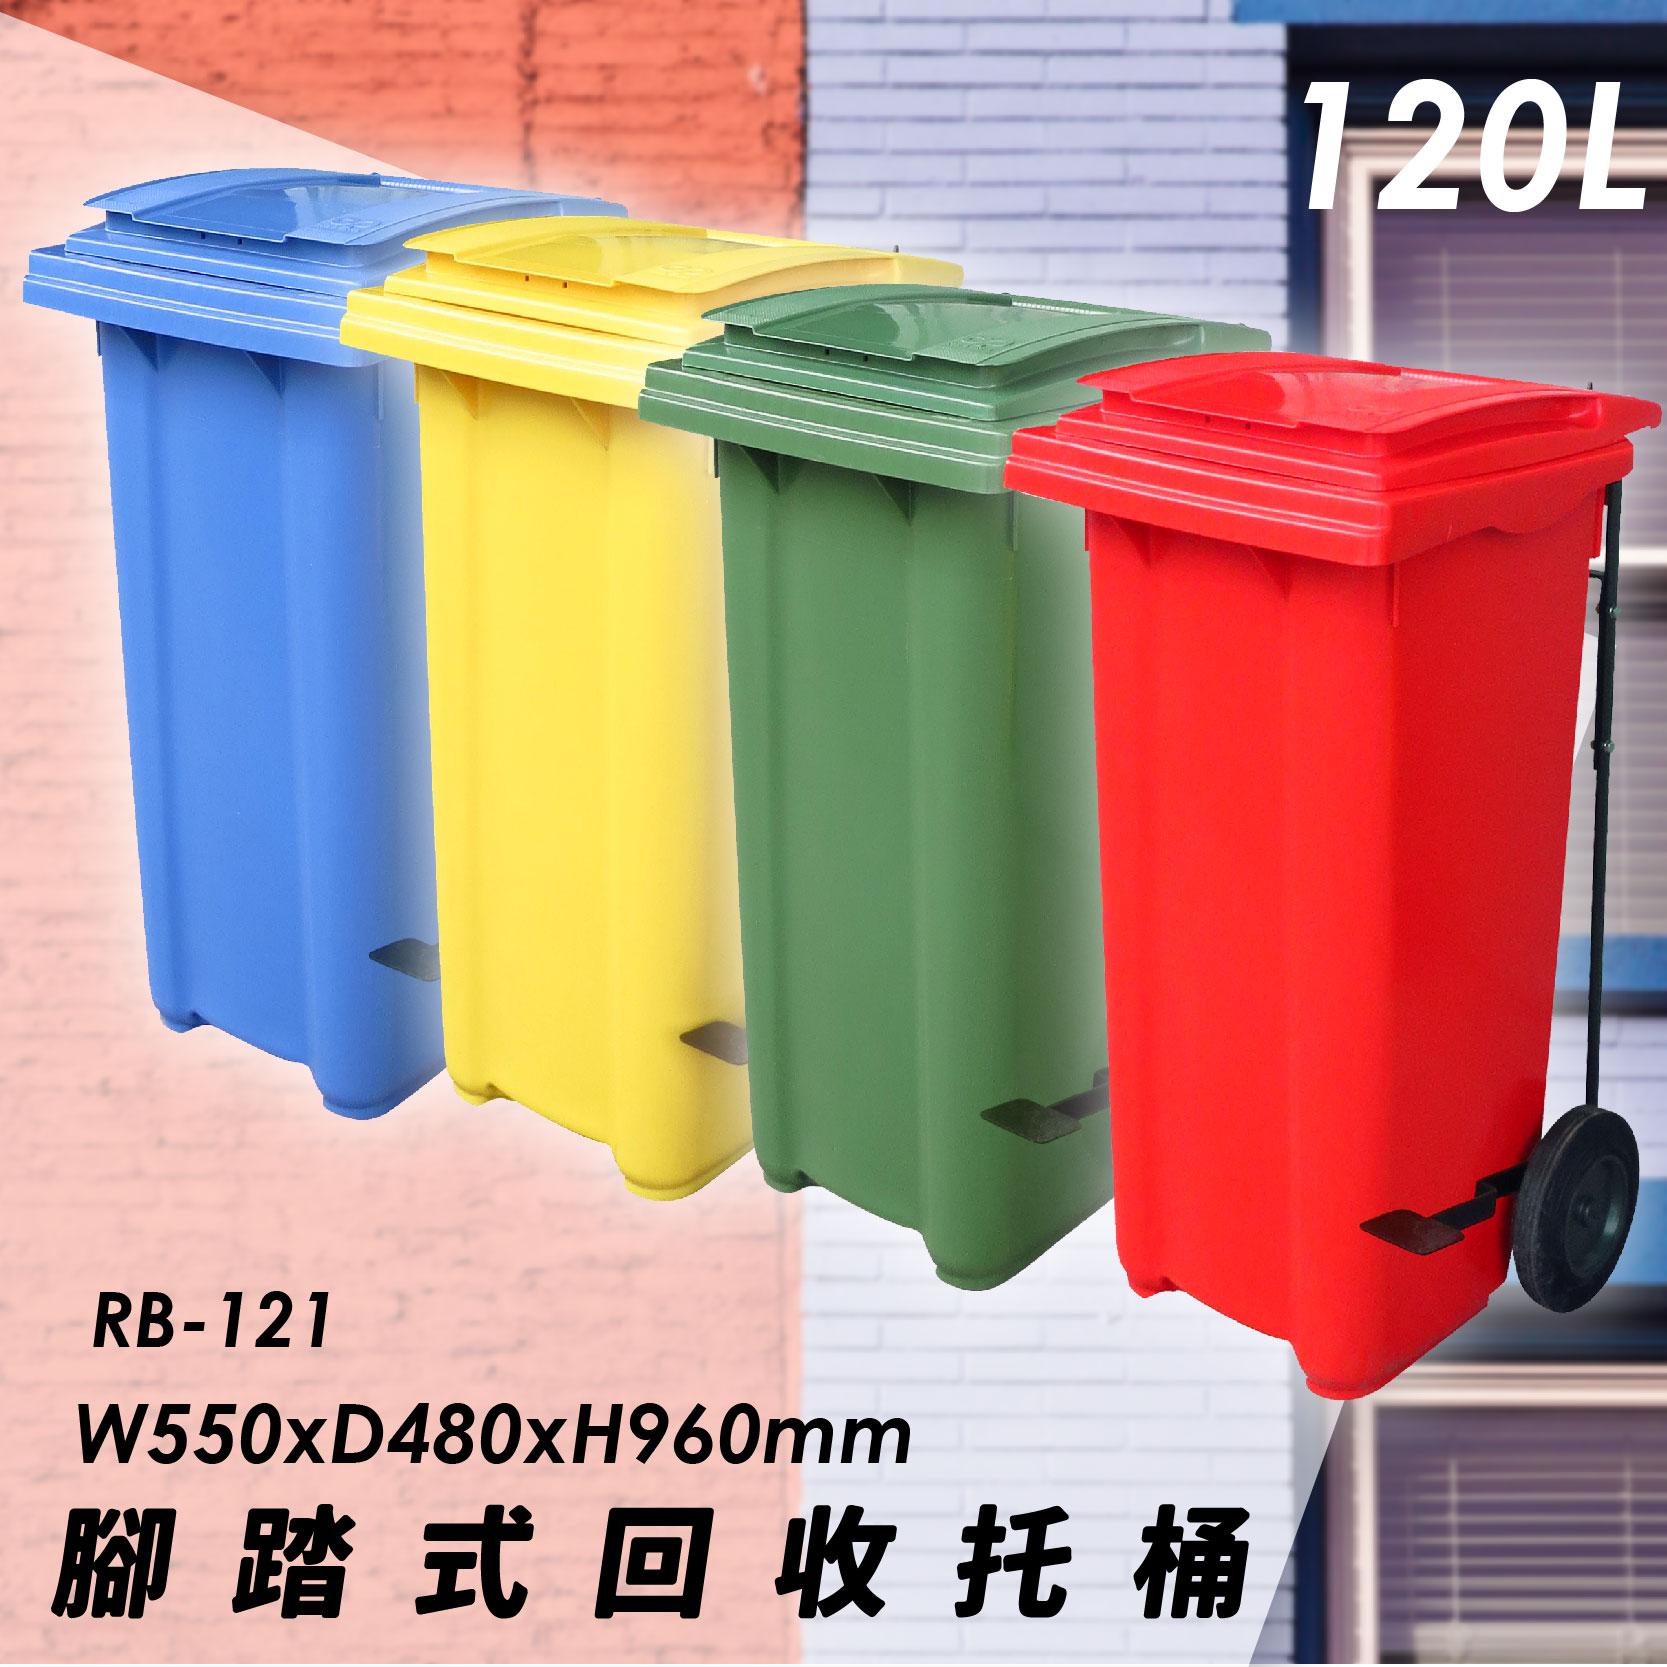 RB-121 腳踏式二輪回收托桶(120公升) 垃圾子車 環保子車 垃圾桶 垃圾車 公共設施 歐洲認證 清潔車 清運車